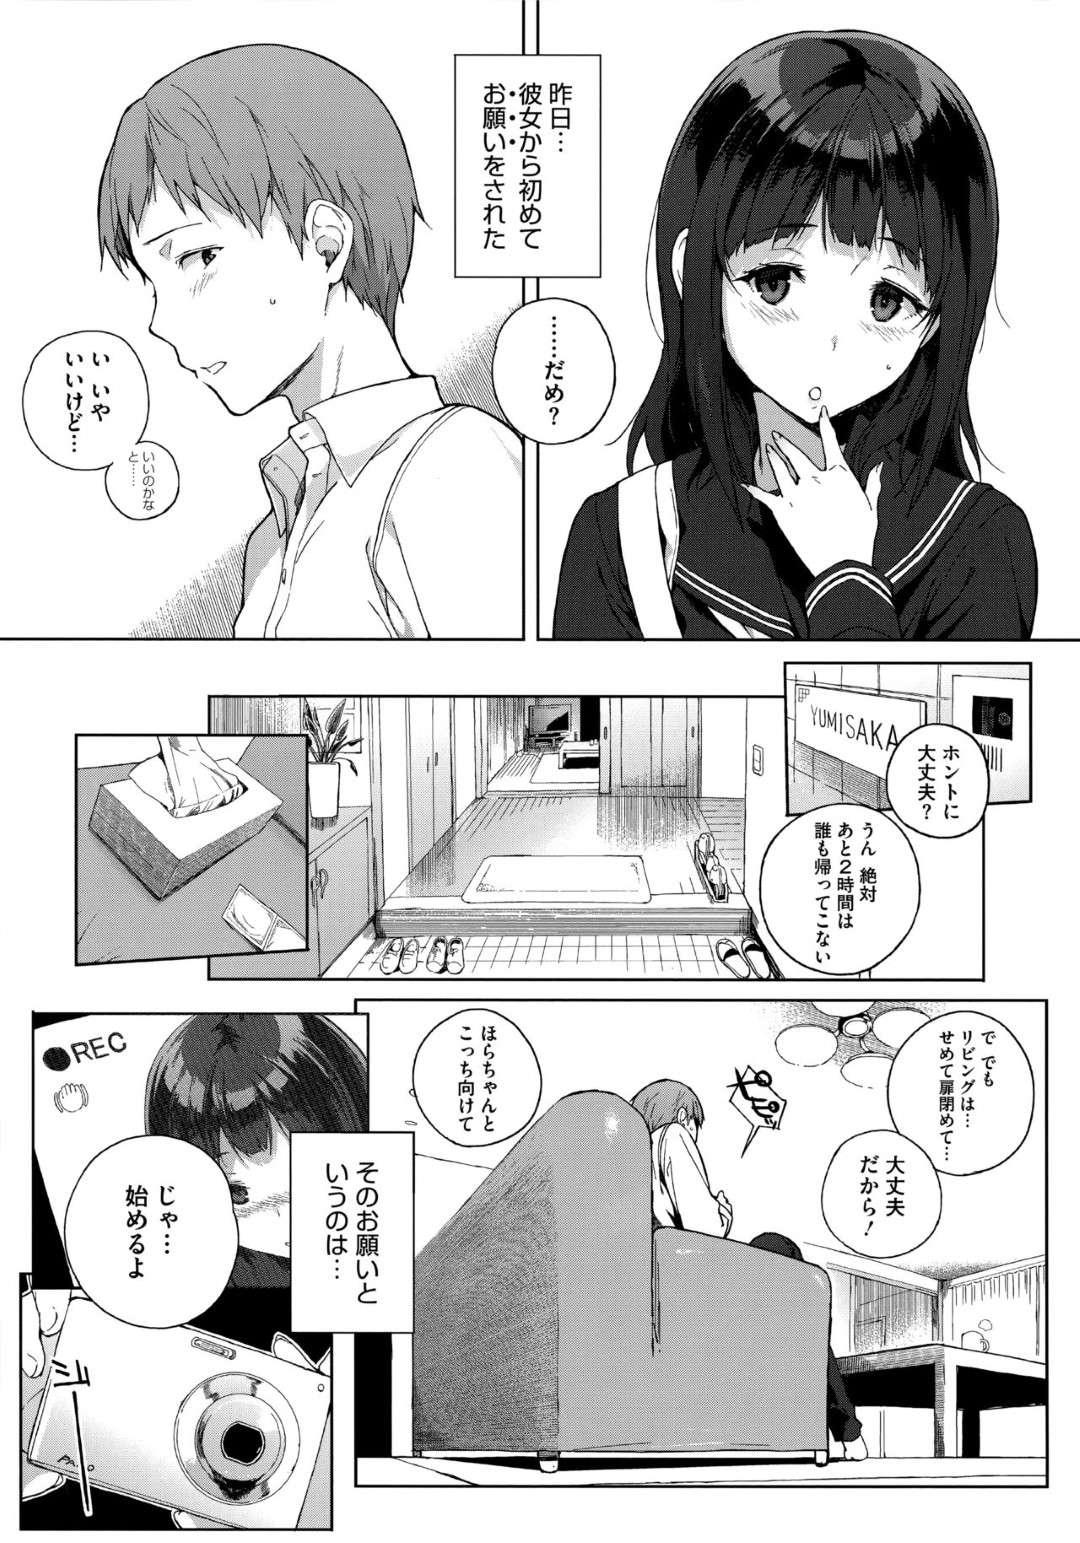 【エロ漫画】男とエロ配信をする巨乳清楚系JKは中出しセックスしまくる!【笹森トモエ/弓坂さんの場合】